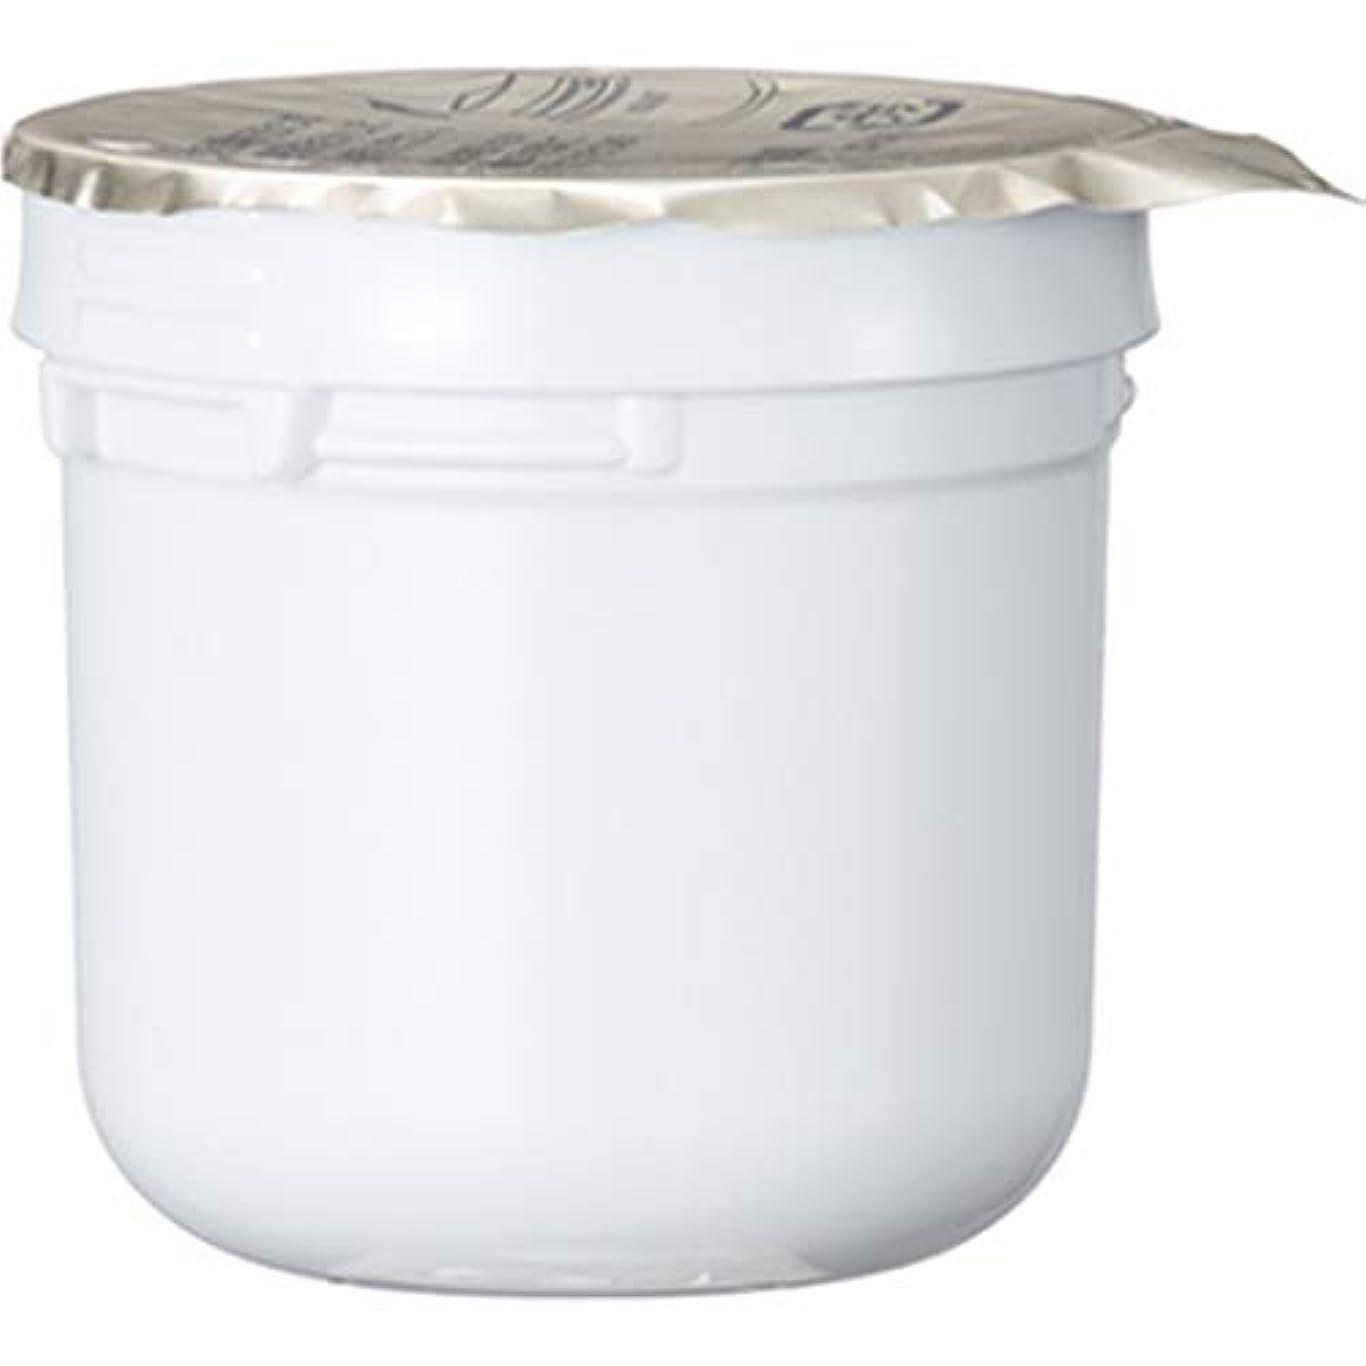 修羅場難しいコマースASTALIFT(アスタリフト) ホワイト クリーム(美白クリーム)レフィル 30g [並行輸入品]